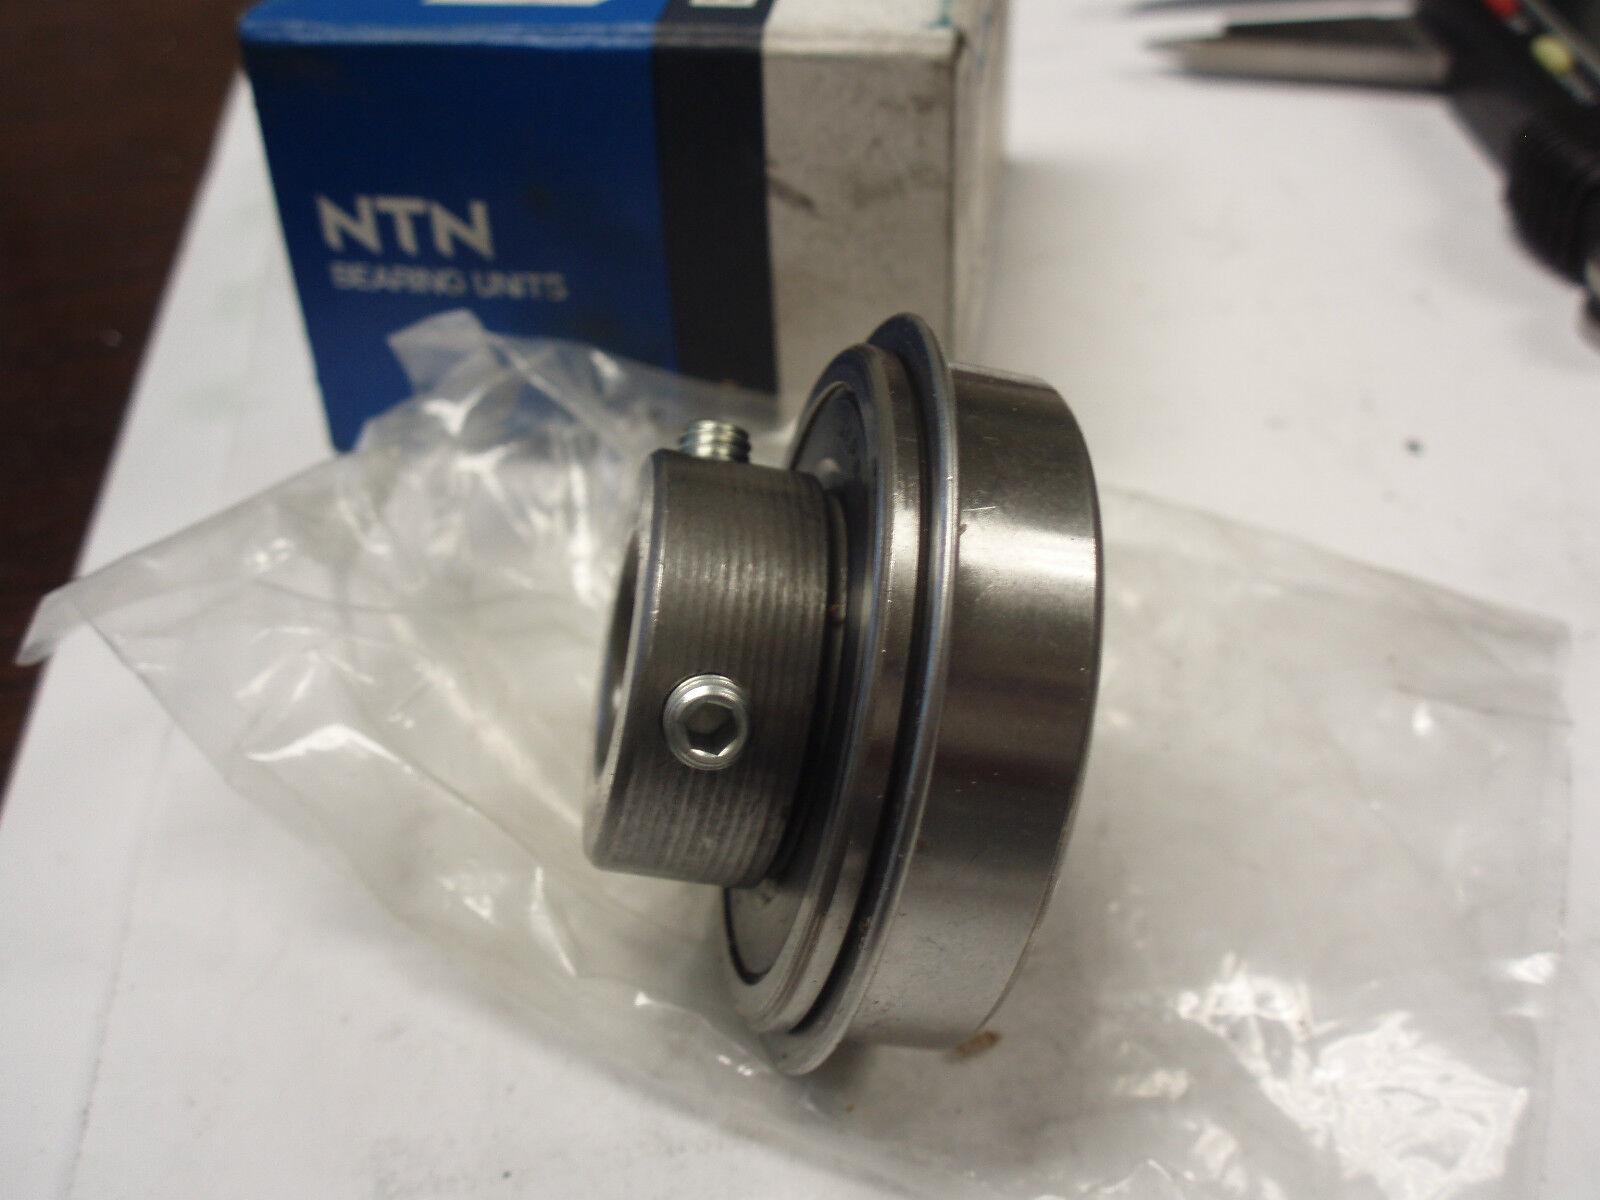 Ntn Ball Bearing Unit Ass201 008nr Bore 1 2 Quot Ebay